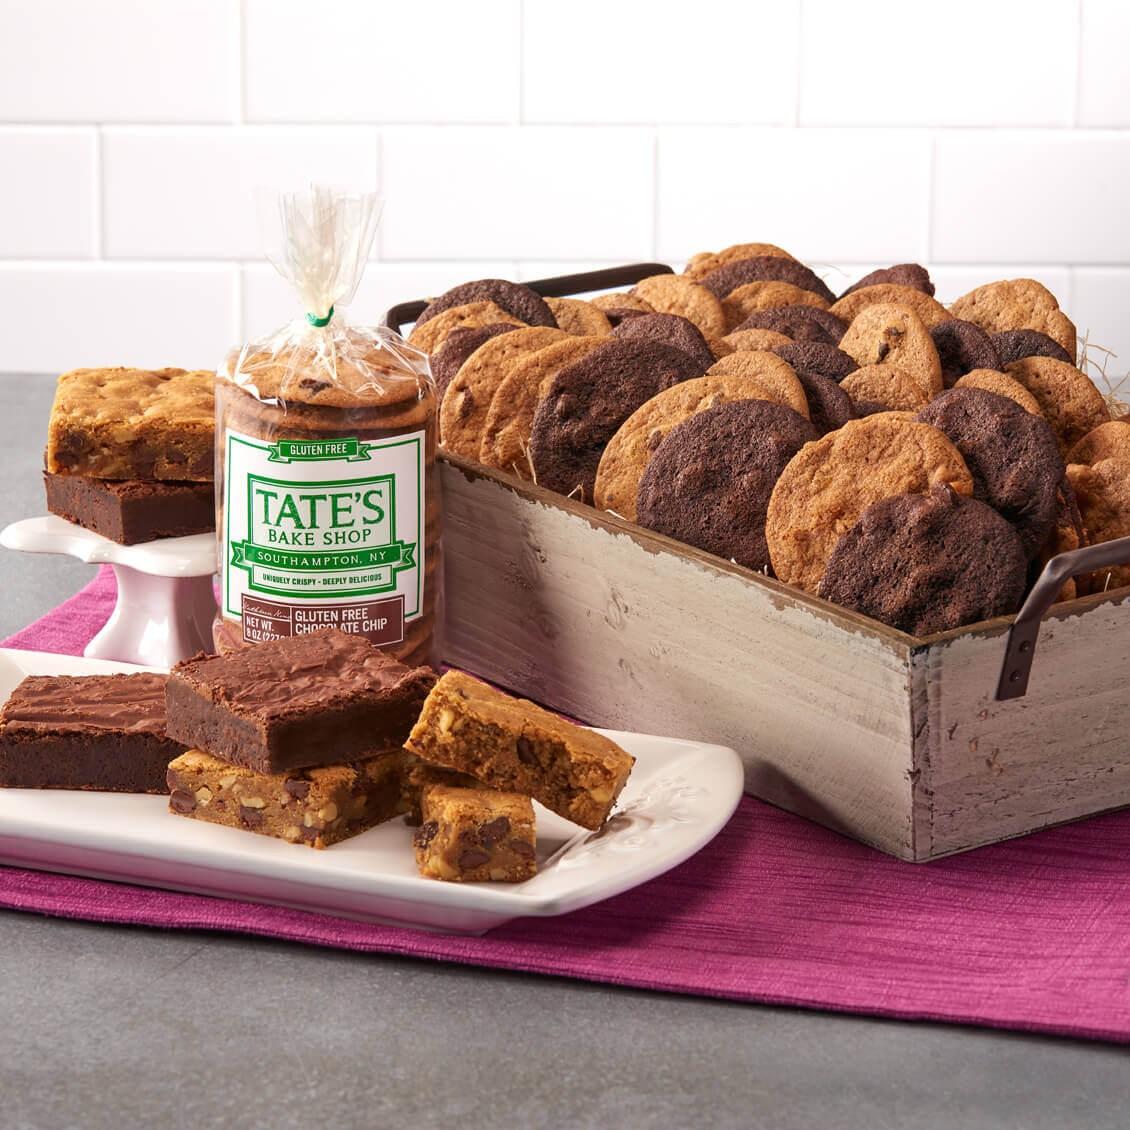 tate's bake shop large gluten free gift basket